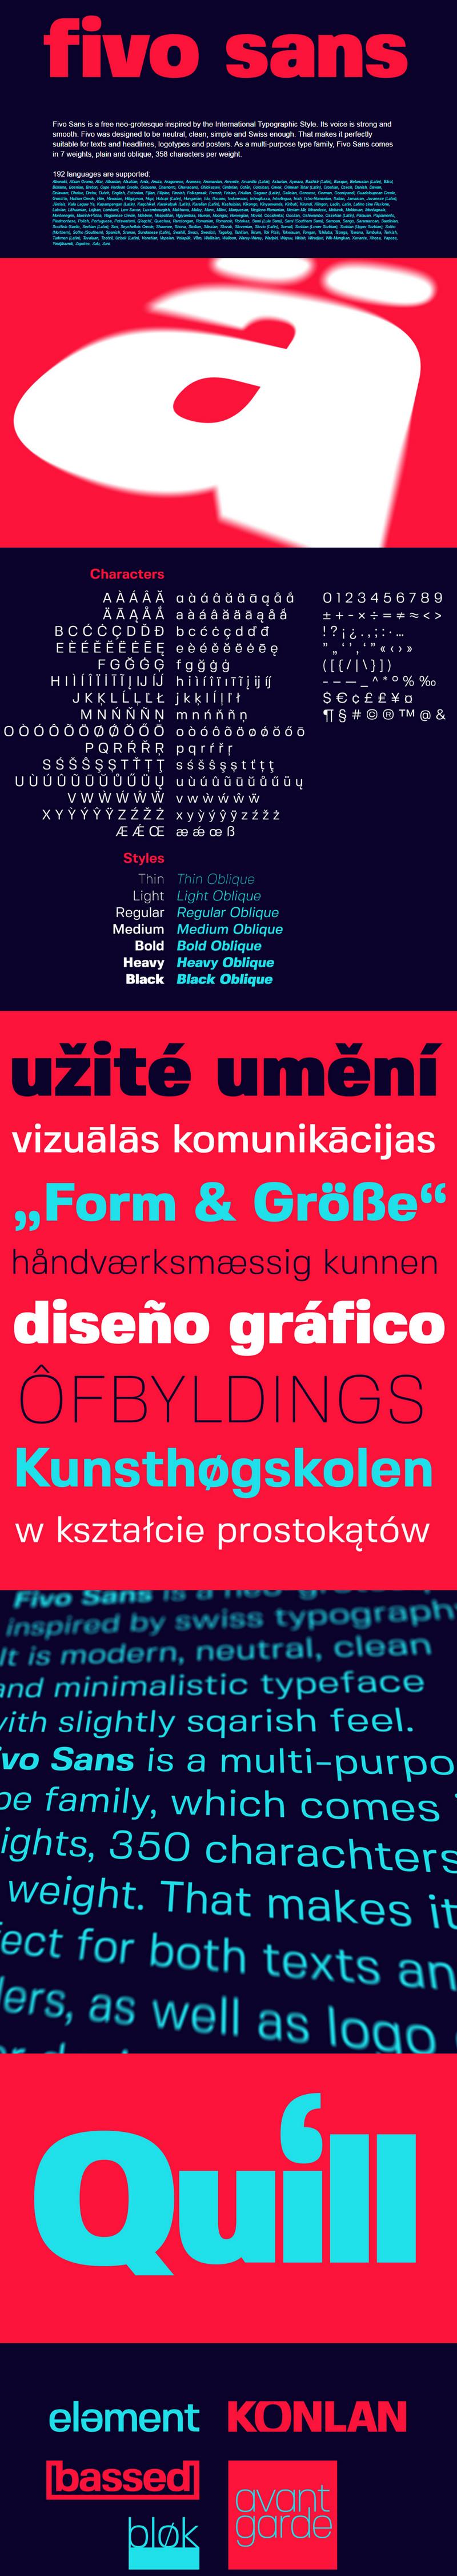 fivo-sans-font-family.jpg